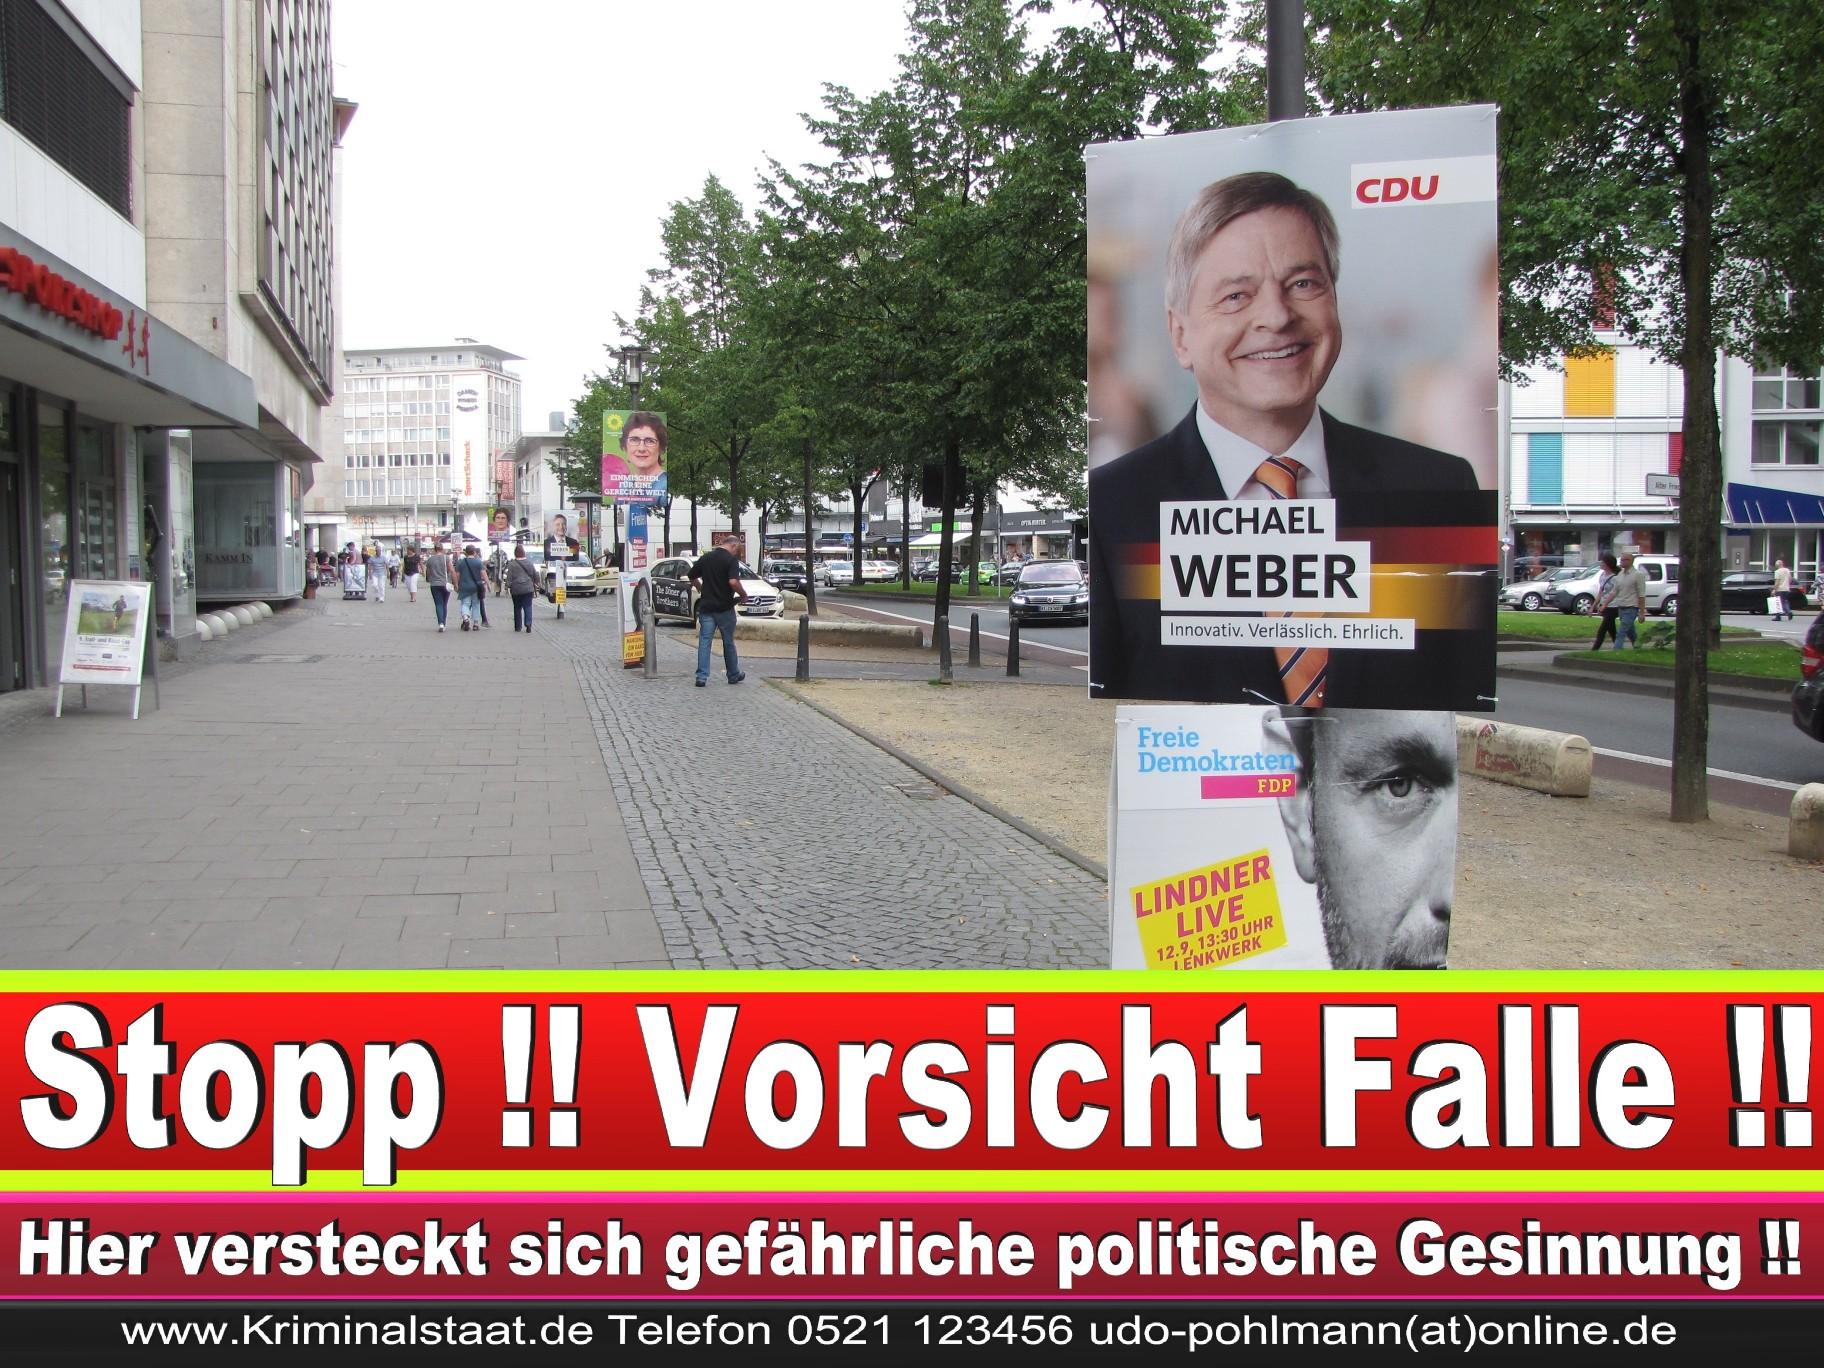 Wahlwerbung Wahlplakate Landtagswahl 2019 Europawahl CDU SPD FDP 2021 (37)